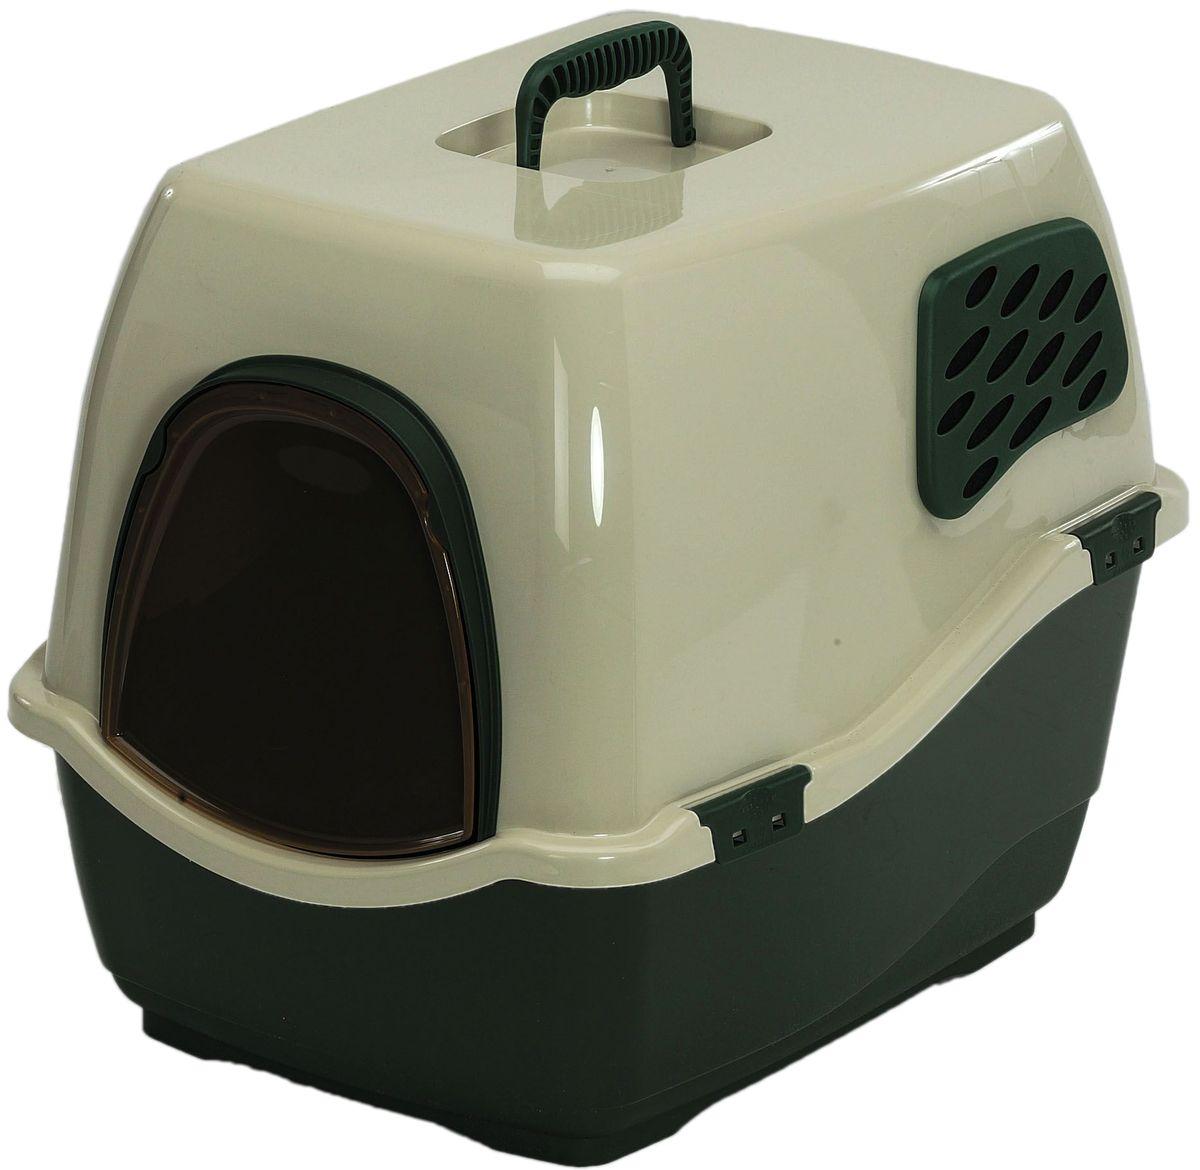 Био-туалет Marchioro Bill 2F, цвет: зеленый, бежевый, 57 х 45 х 48 см0120710Marchioro био-туалет BILL 2F. Закрытый туалет с угольным фильтром препятствует распространению неприятных запахов.Подвижная передняя створка позволяет животному самостоятельно пользоваться туалетом.В комплект также входит фильтр, дверка и ручка. Фильтр необходимо менять каждые 3-6 месяцев. Размер 57х45х48h.